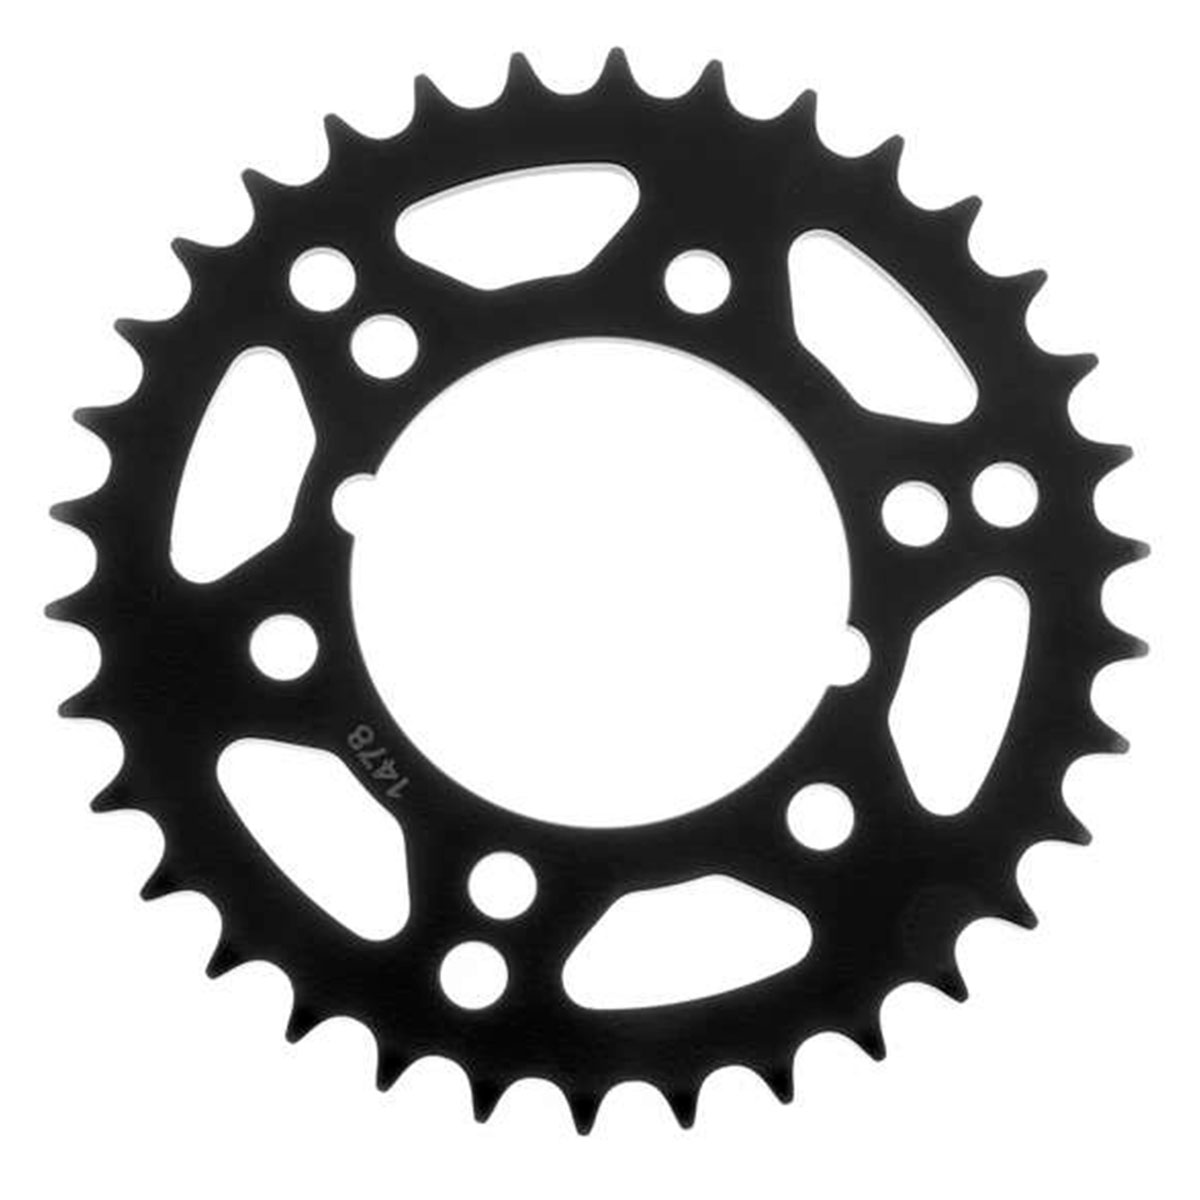 BikeMaster Black 520 Rear Sprocket 34 Tooth